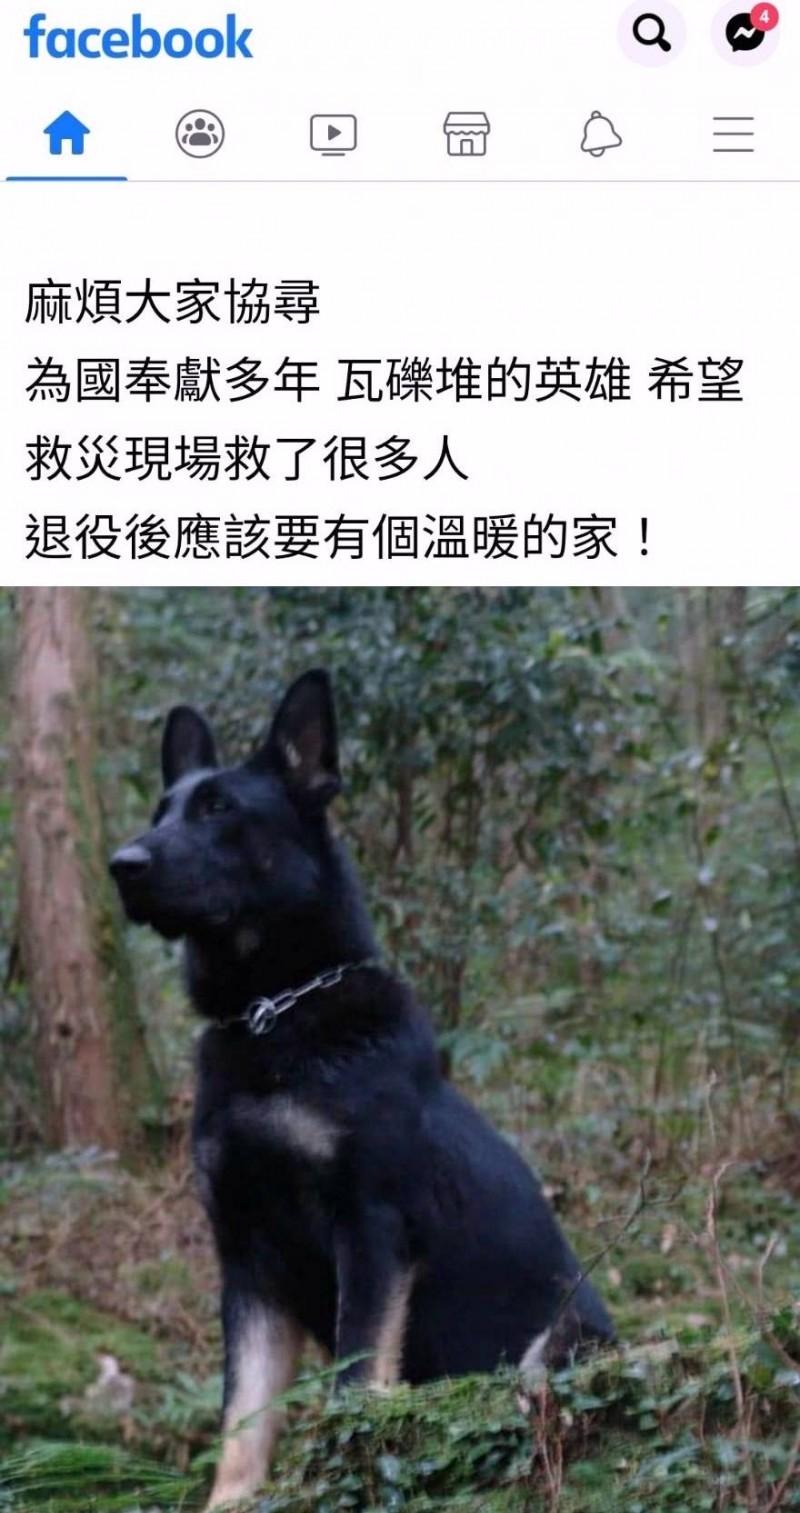 搜救犬「希望」傳出走失消息後,認養人在地方社群PO拜託大家幫忙協尋情形。(記者謝介裕翻攝)